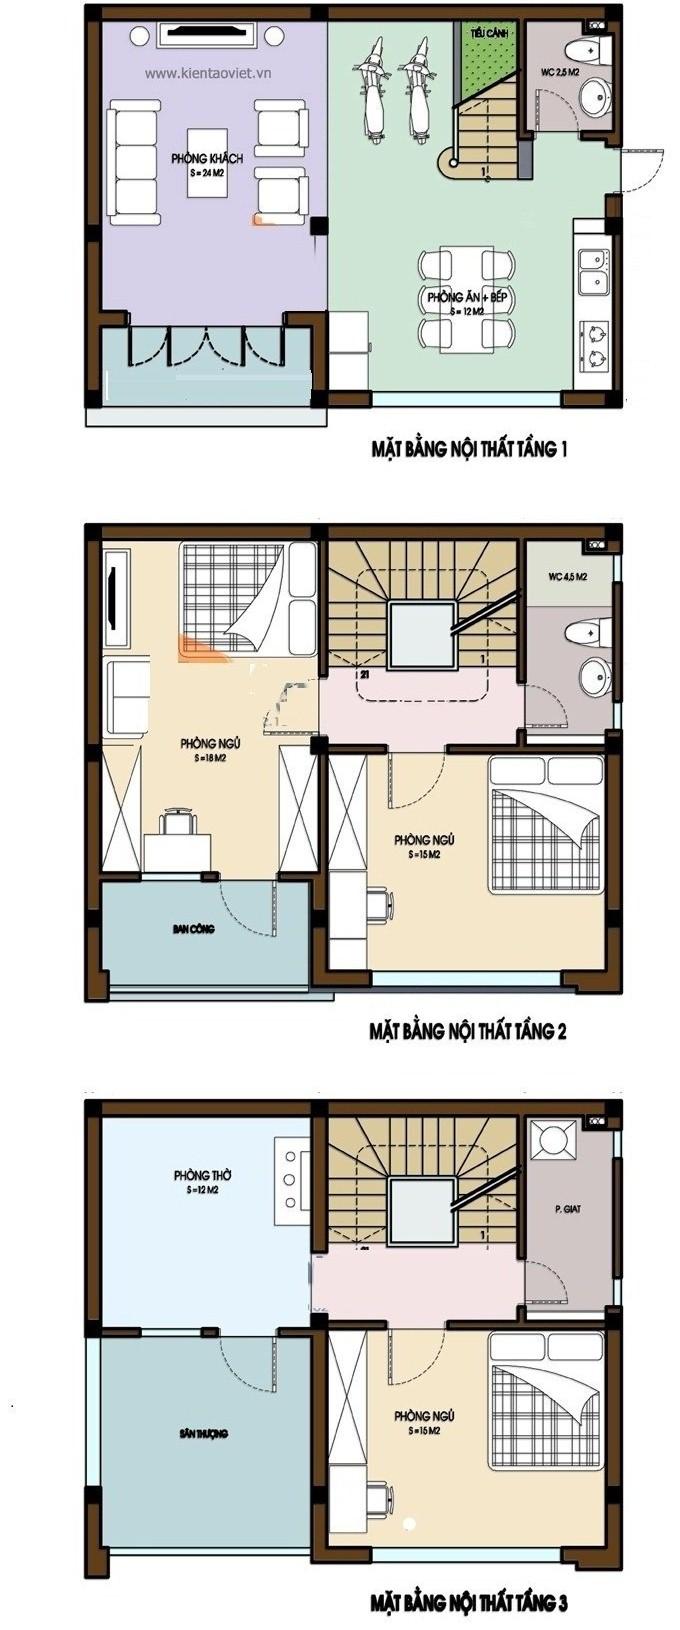 Thiết kế nhà ống 3 tầng phong cách hiện đại dành cho gia đình trẻ